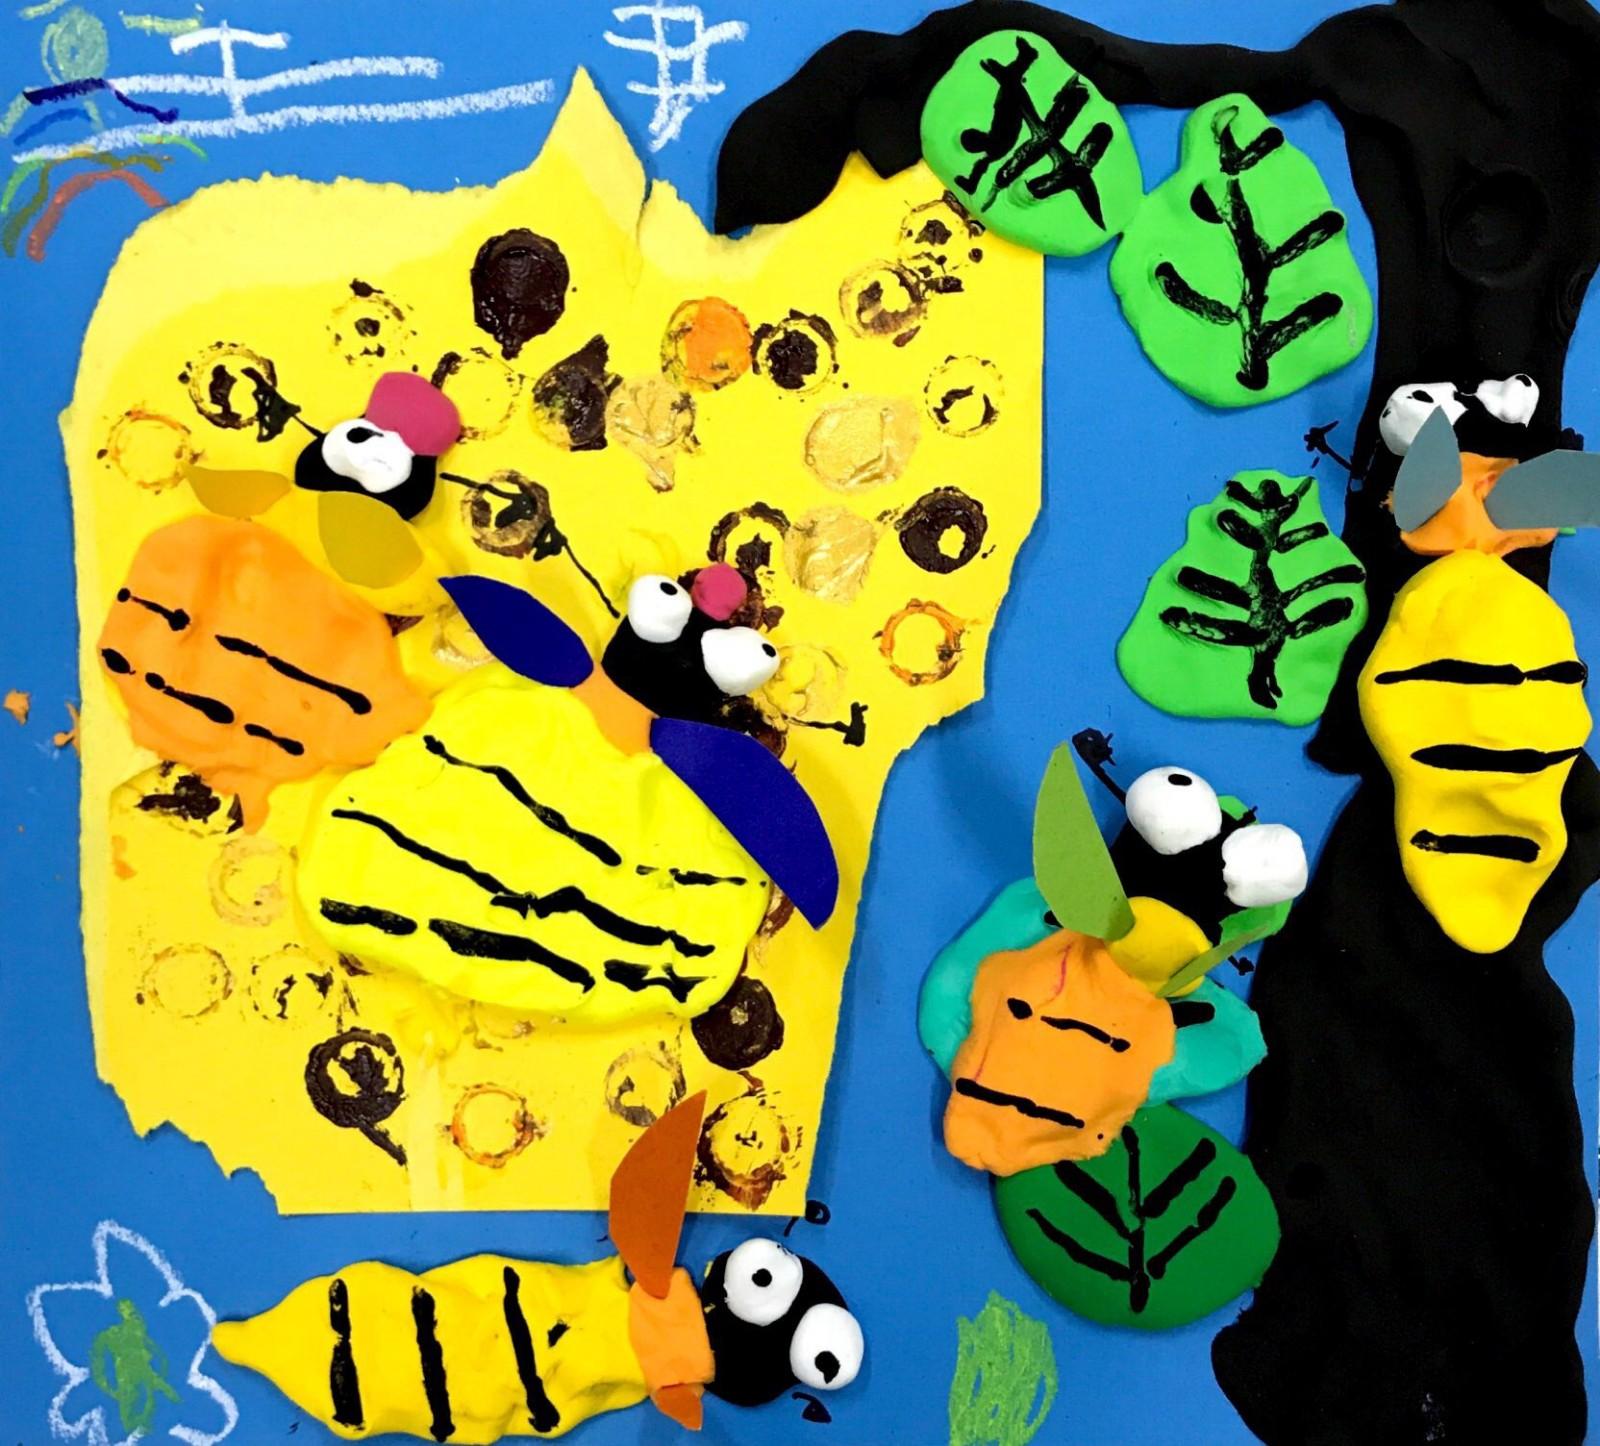 如何正确的引导孩子进行艺术创作?